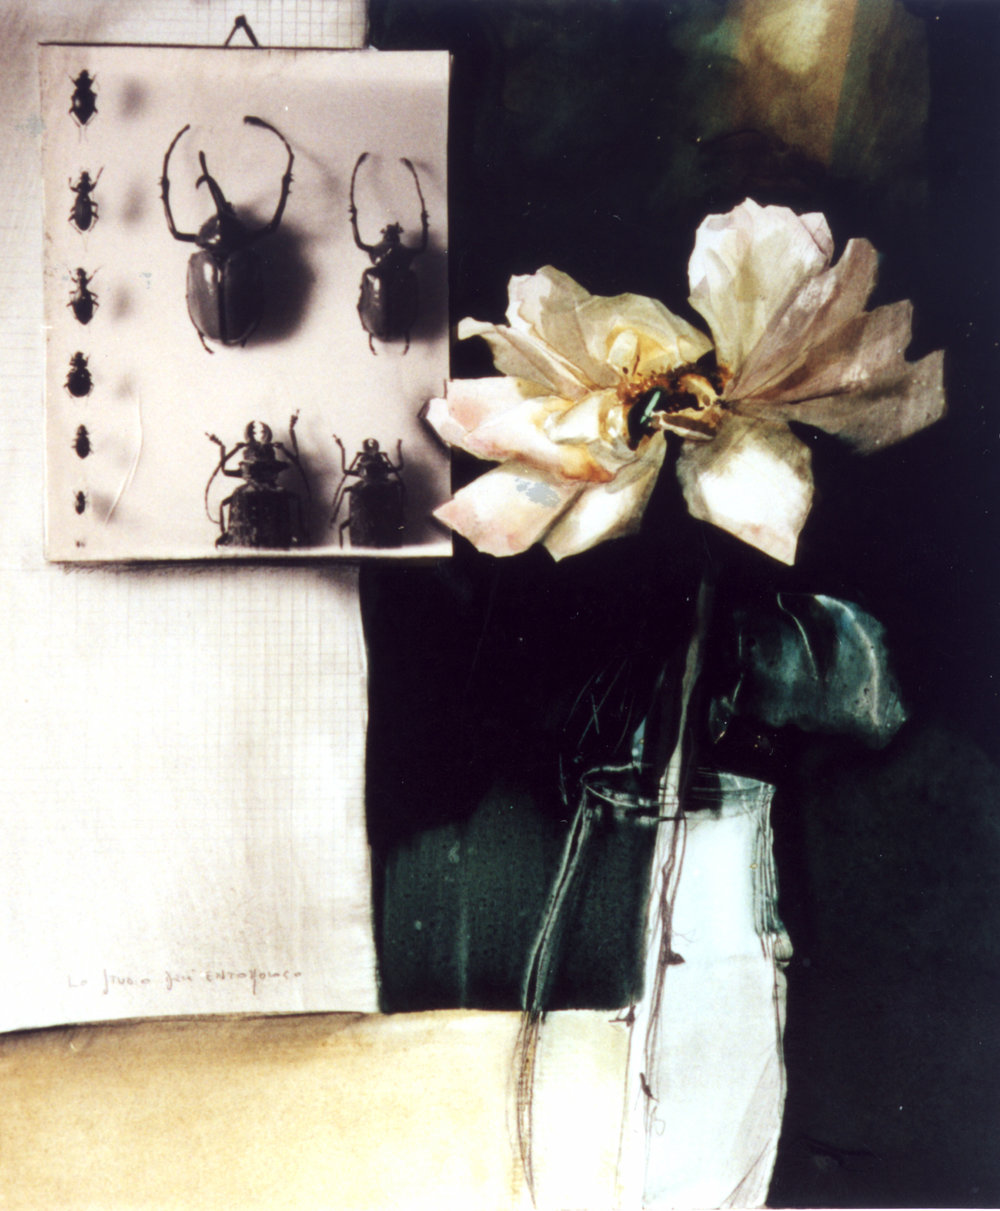 entomologia, 2003